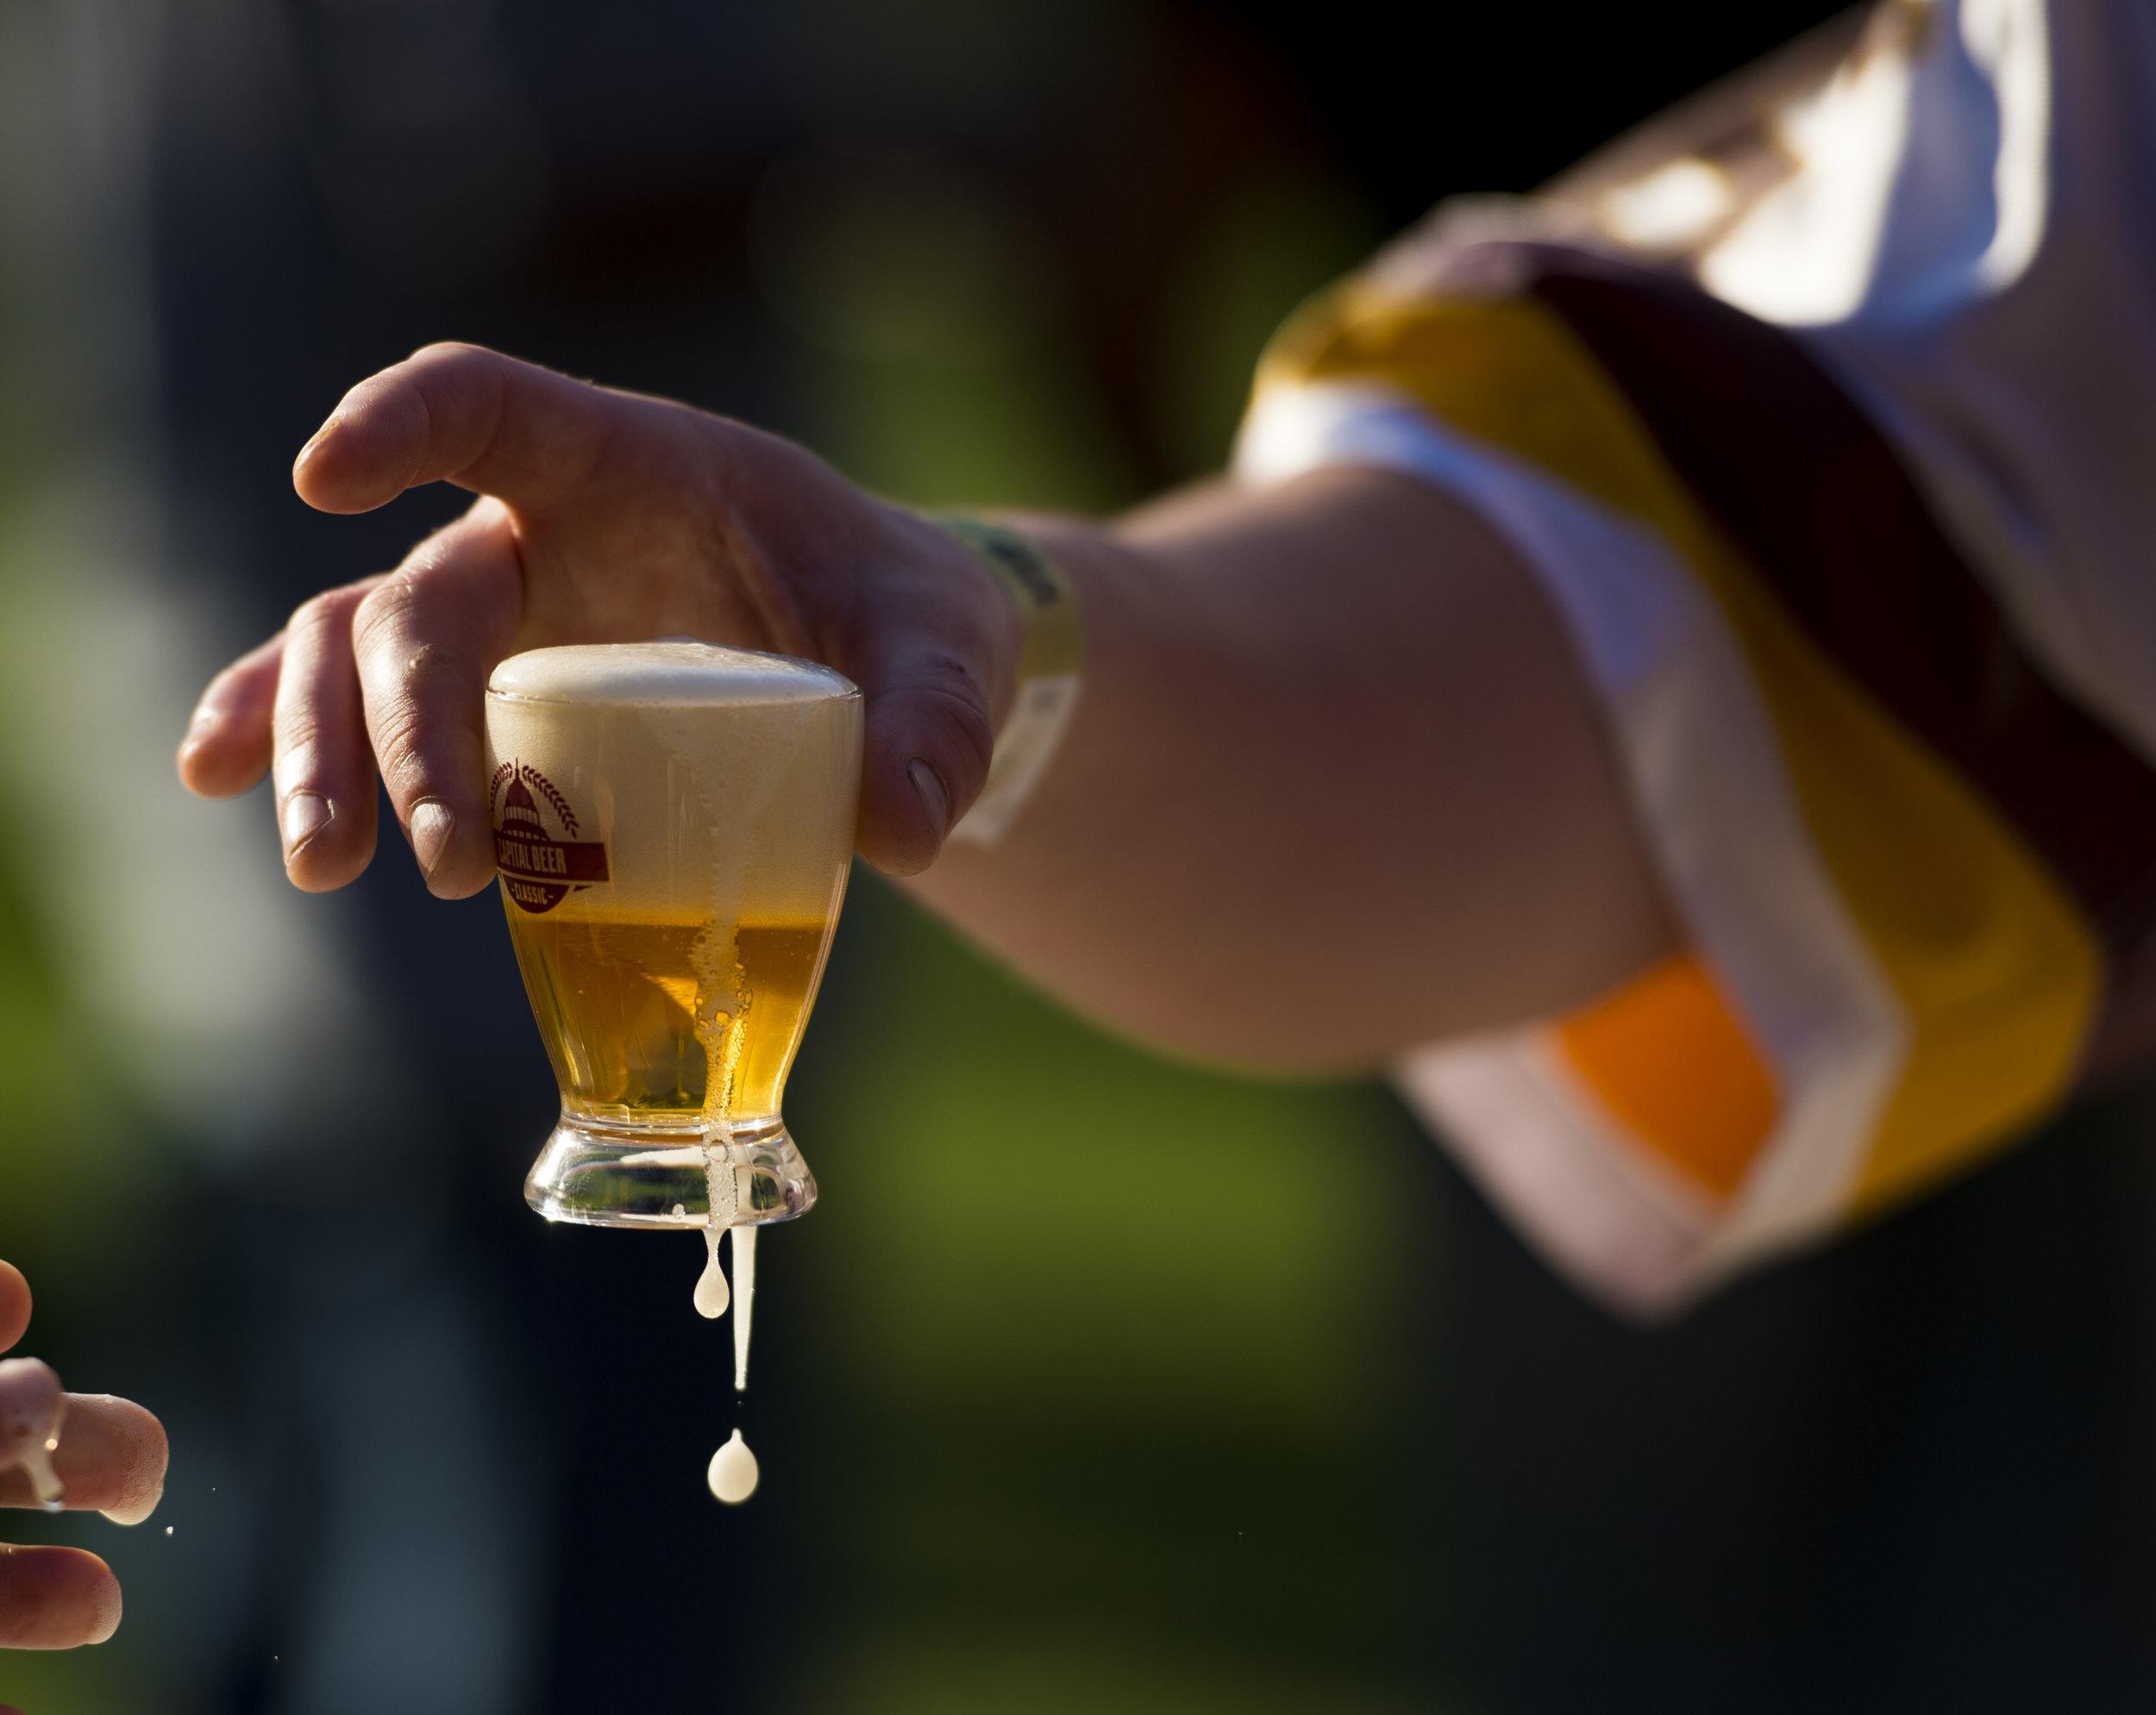 6-3-17-Beer-059.JPG